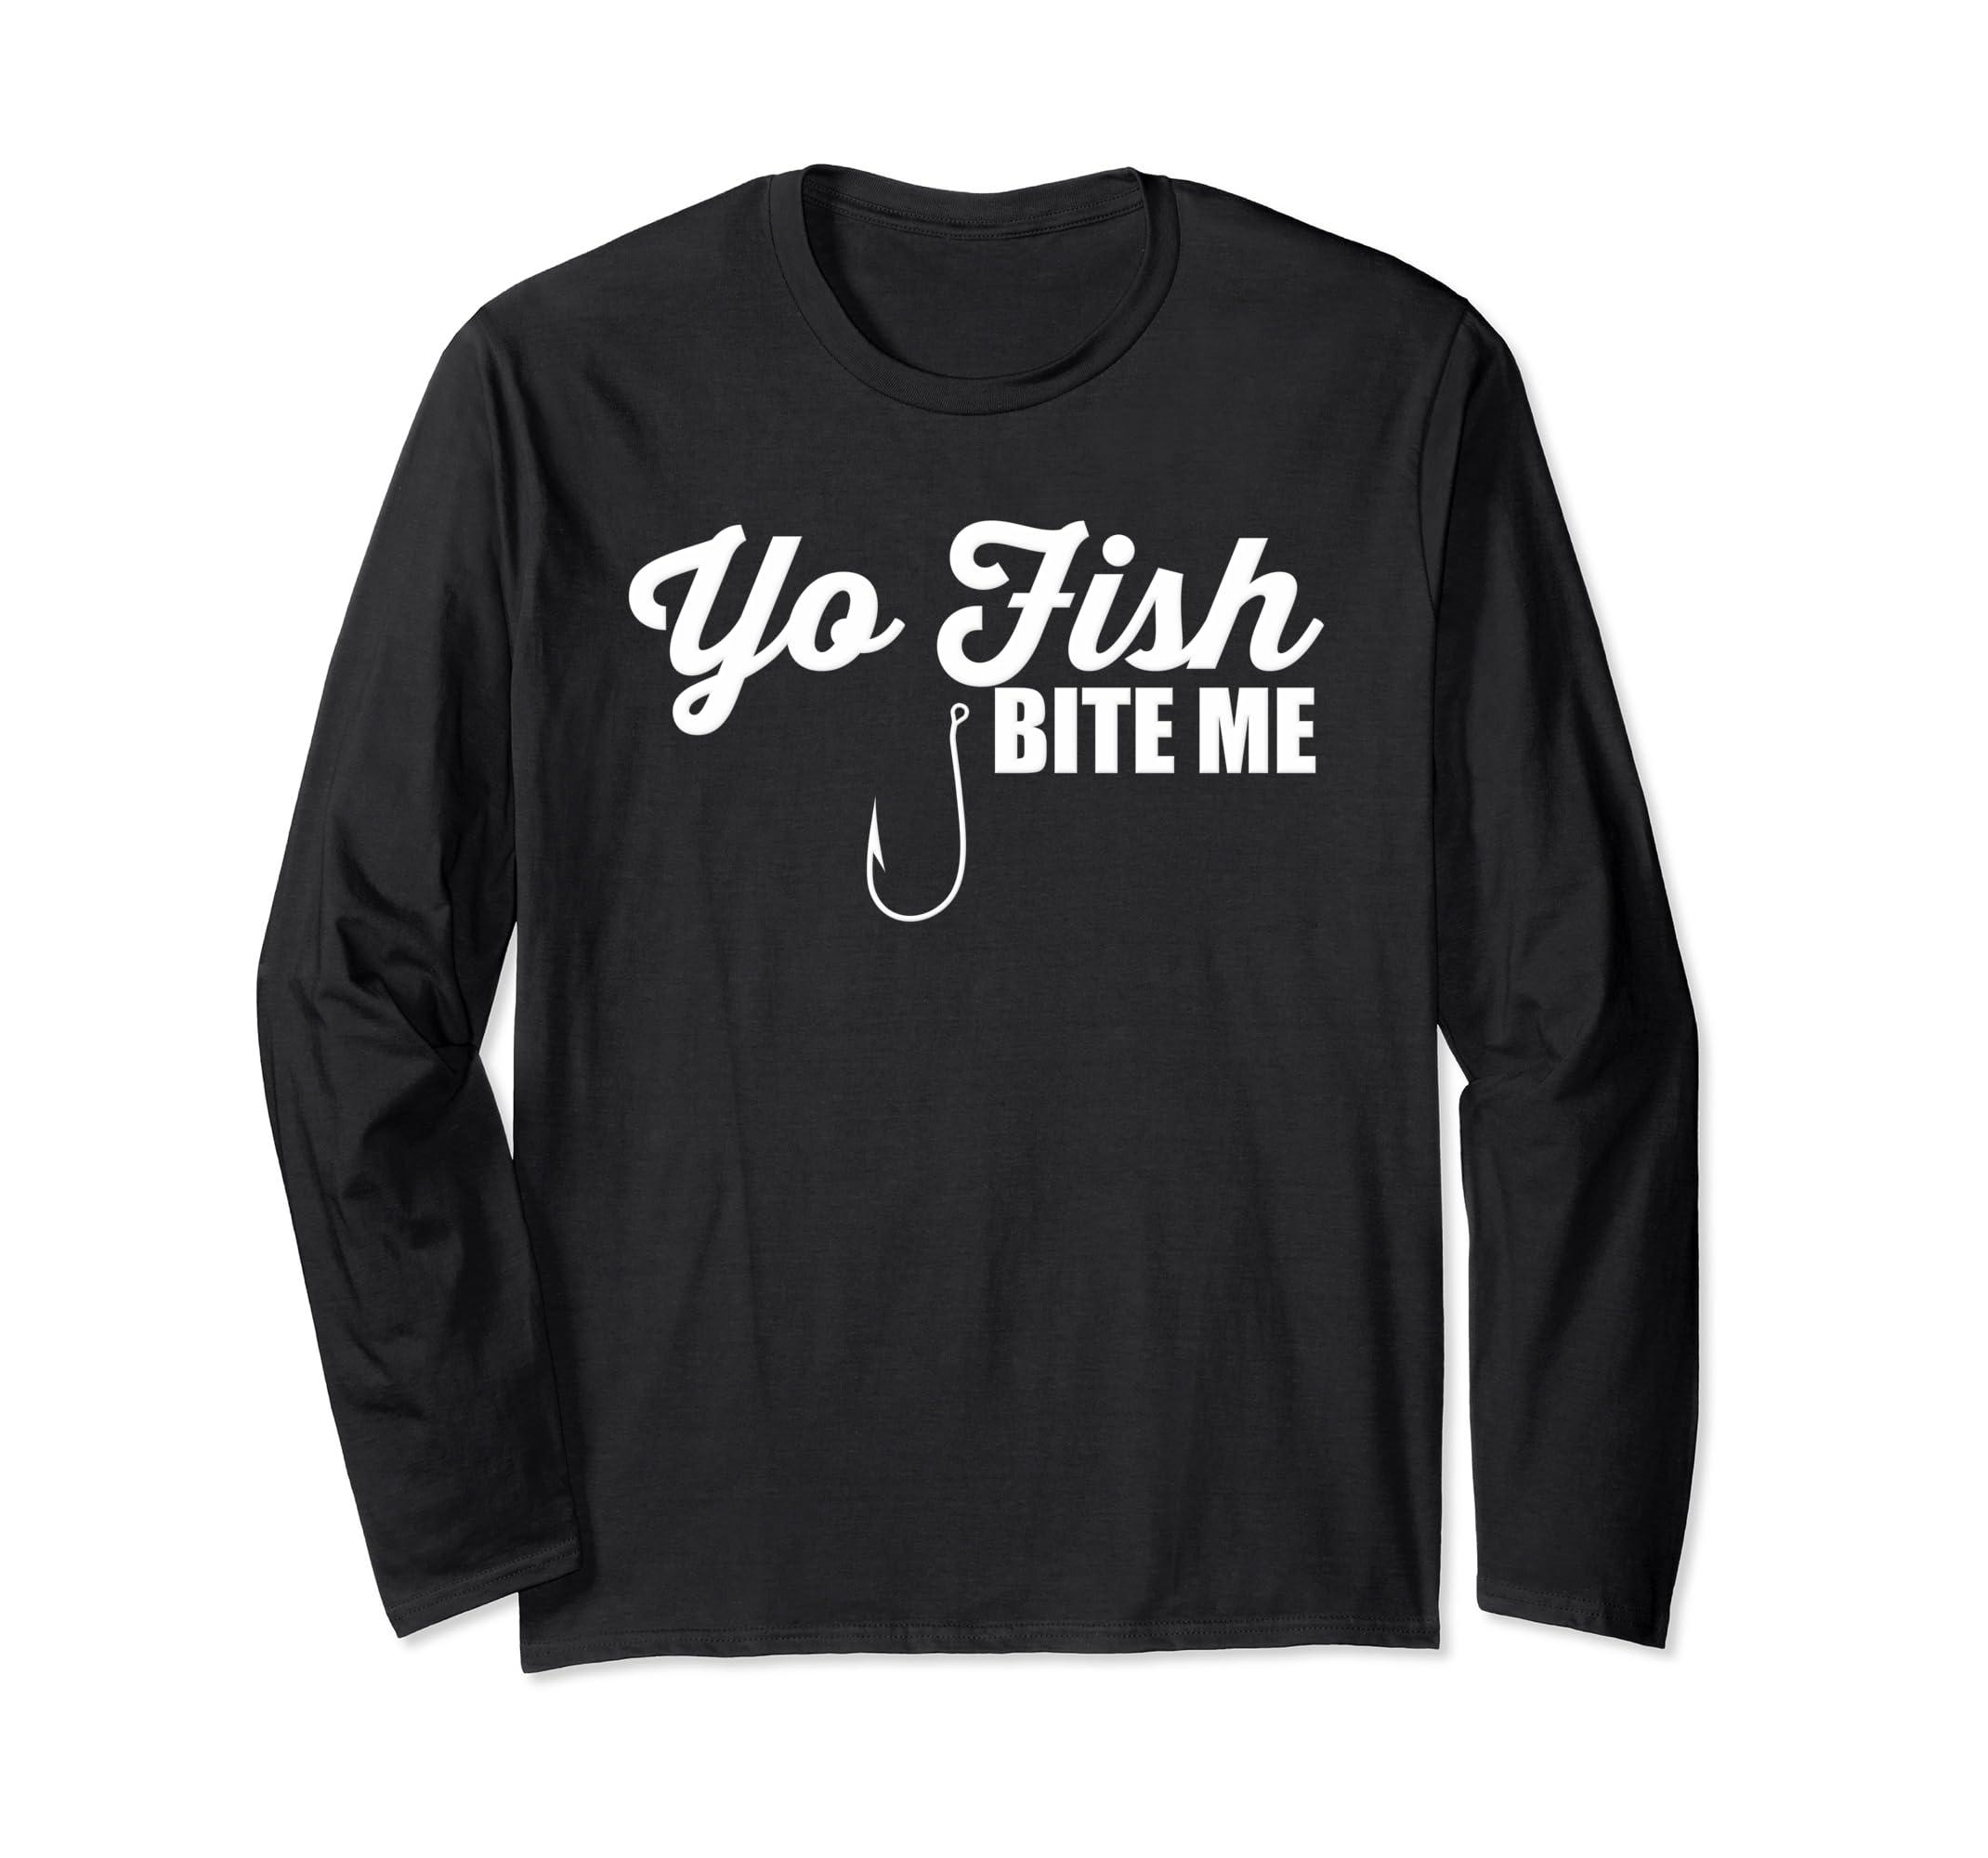 df7a7159f8 Amazon.com: Yo Fish Bite Me Funny Fishing Bait Sports Fishing TShirt:  Clothing